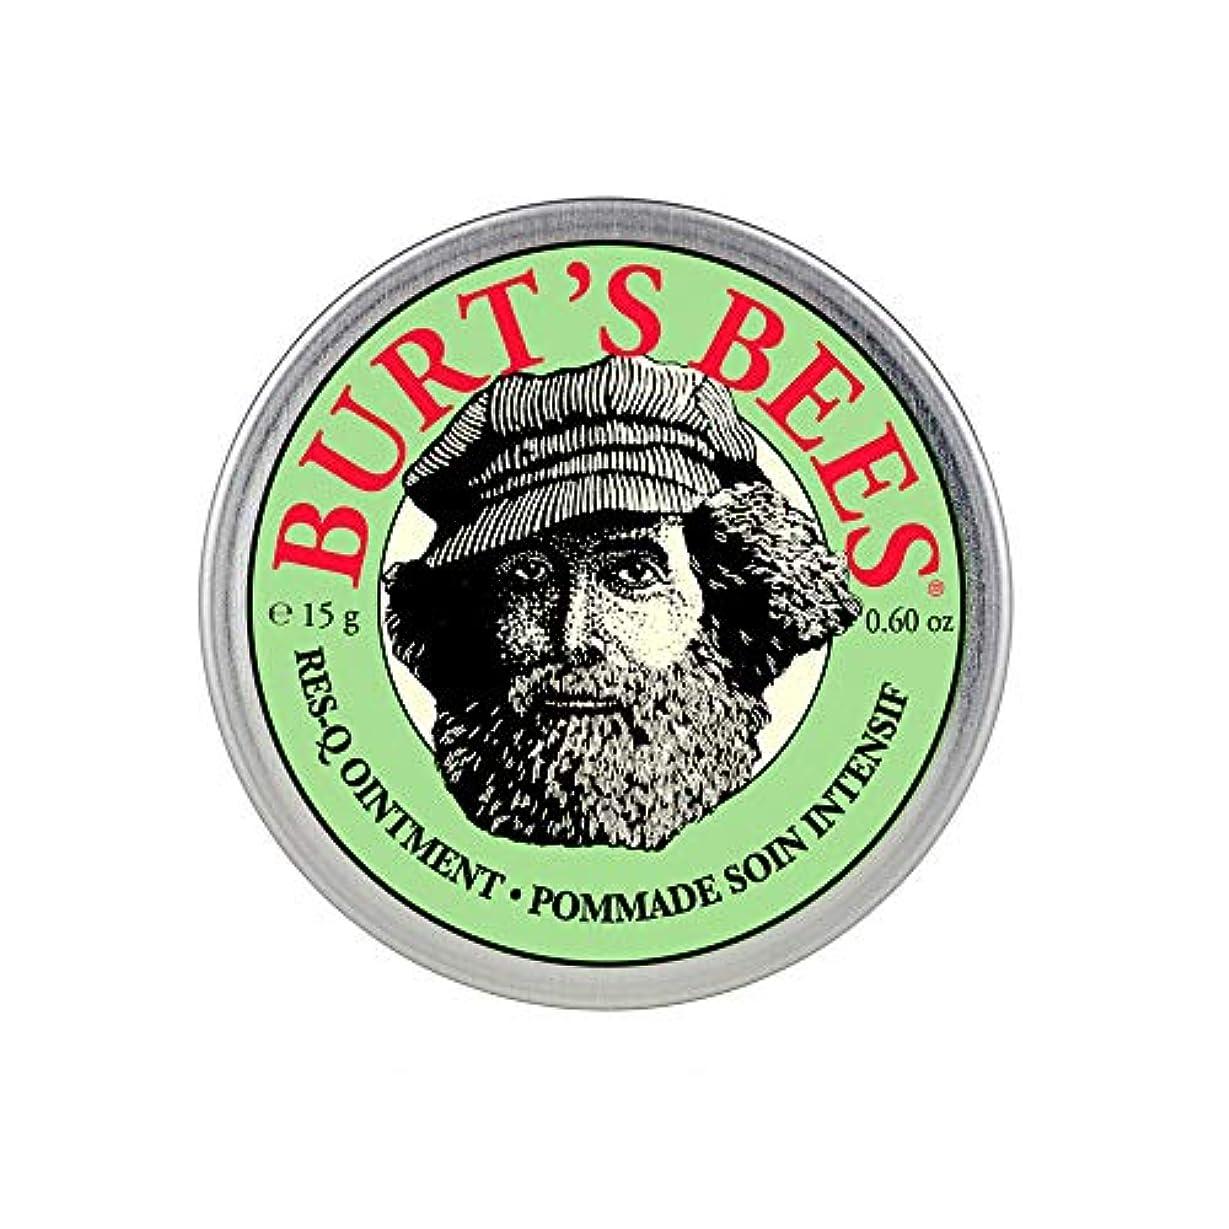 麻酔薬暴徒派手バーツビーズ(Burt's Bees) レスキュー オイントメント 15g [100%ナチュラル、軟膏] [海外直送][並行輸入品]